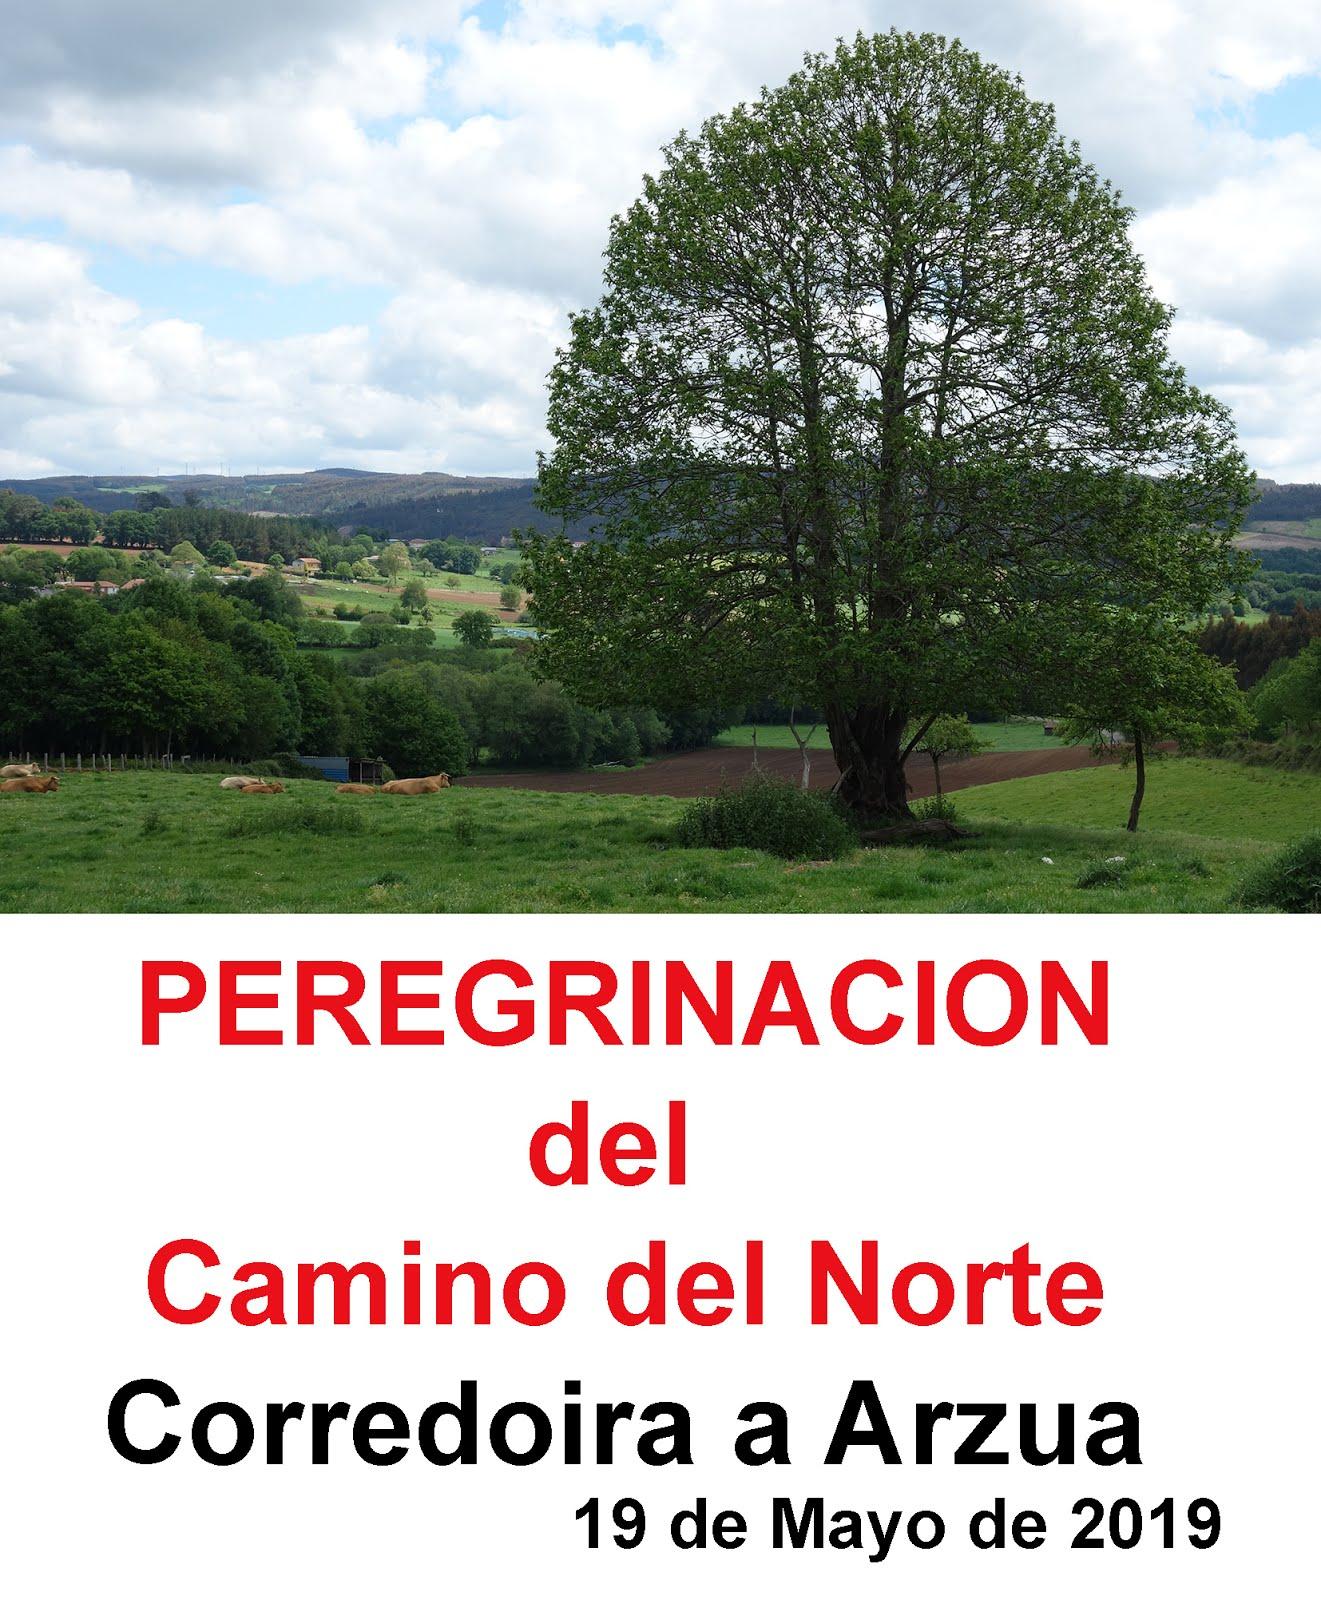 Corredoira _ Arzúa